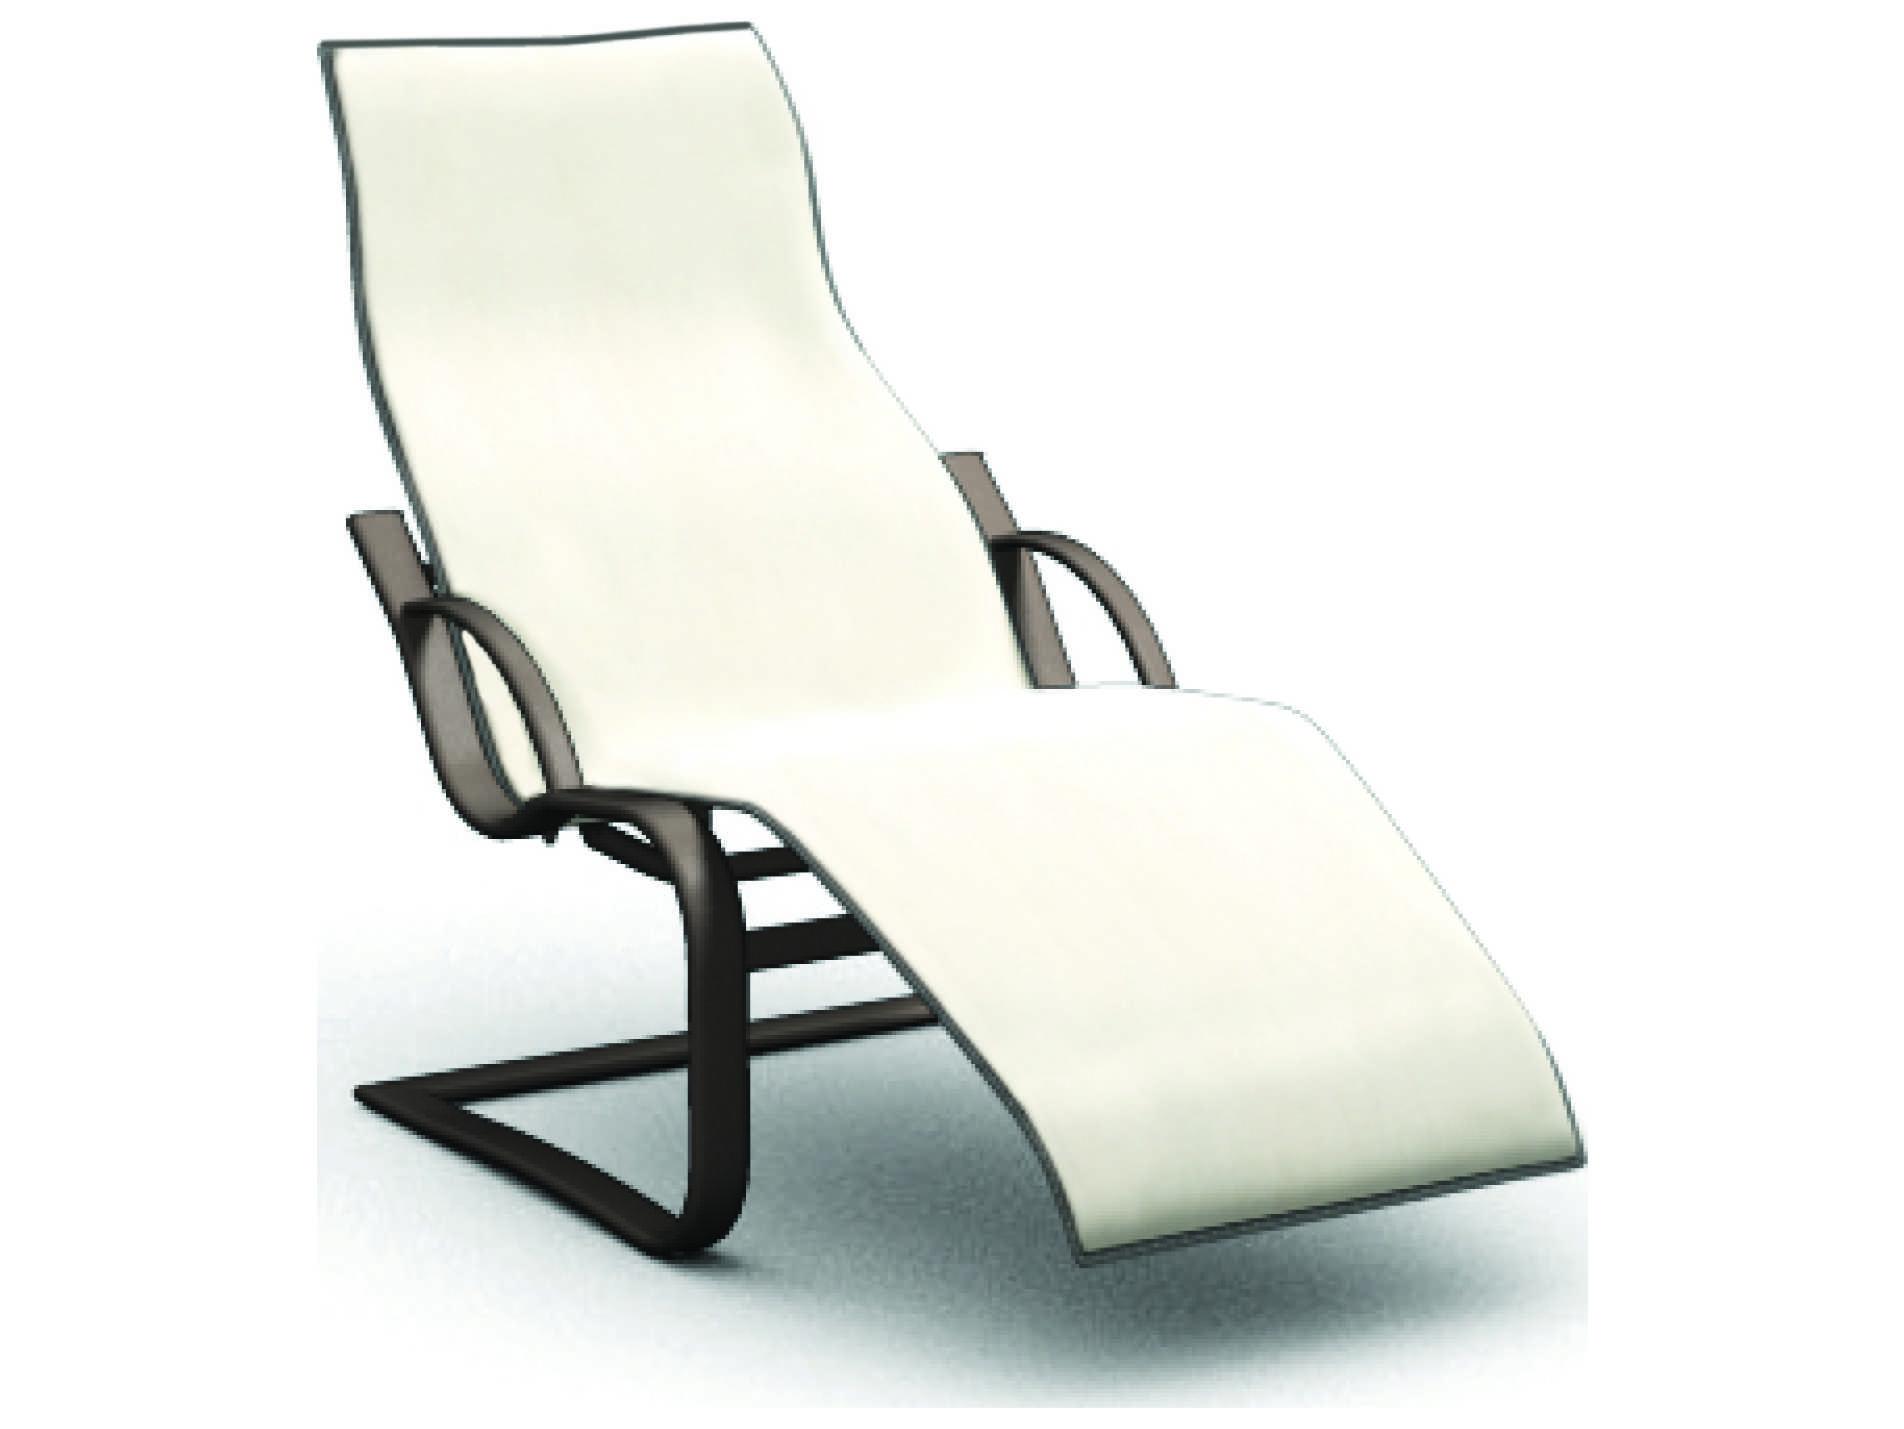 Homecrest lana sling aluminum spring base chaise 44500 for Chaise aluminium